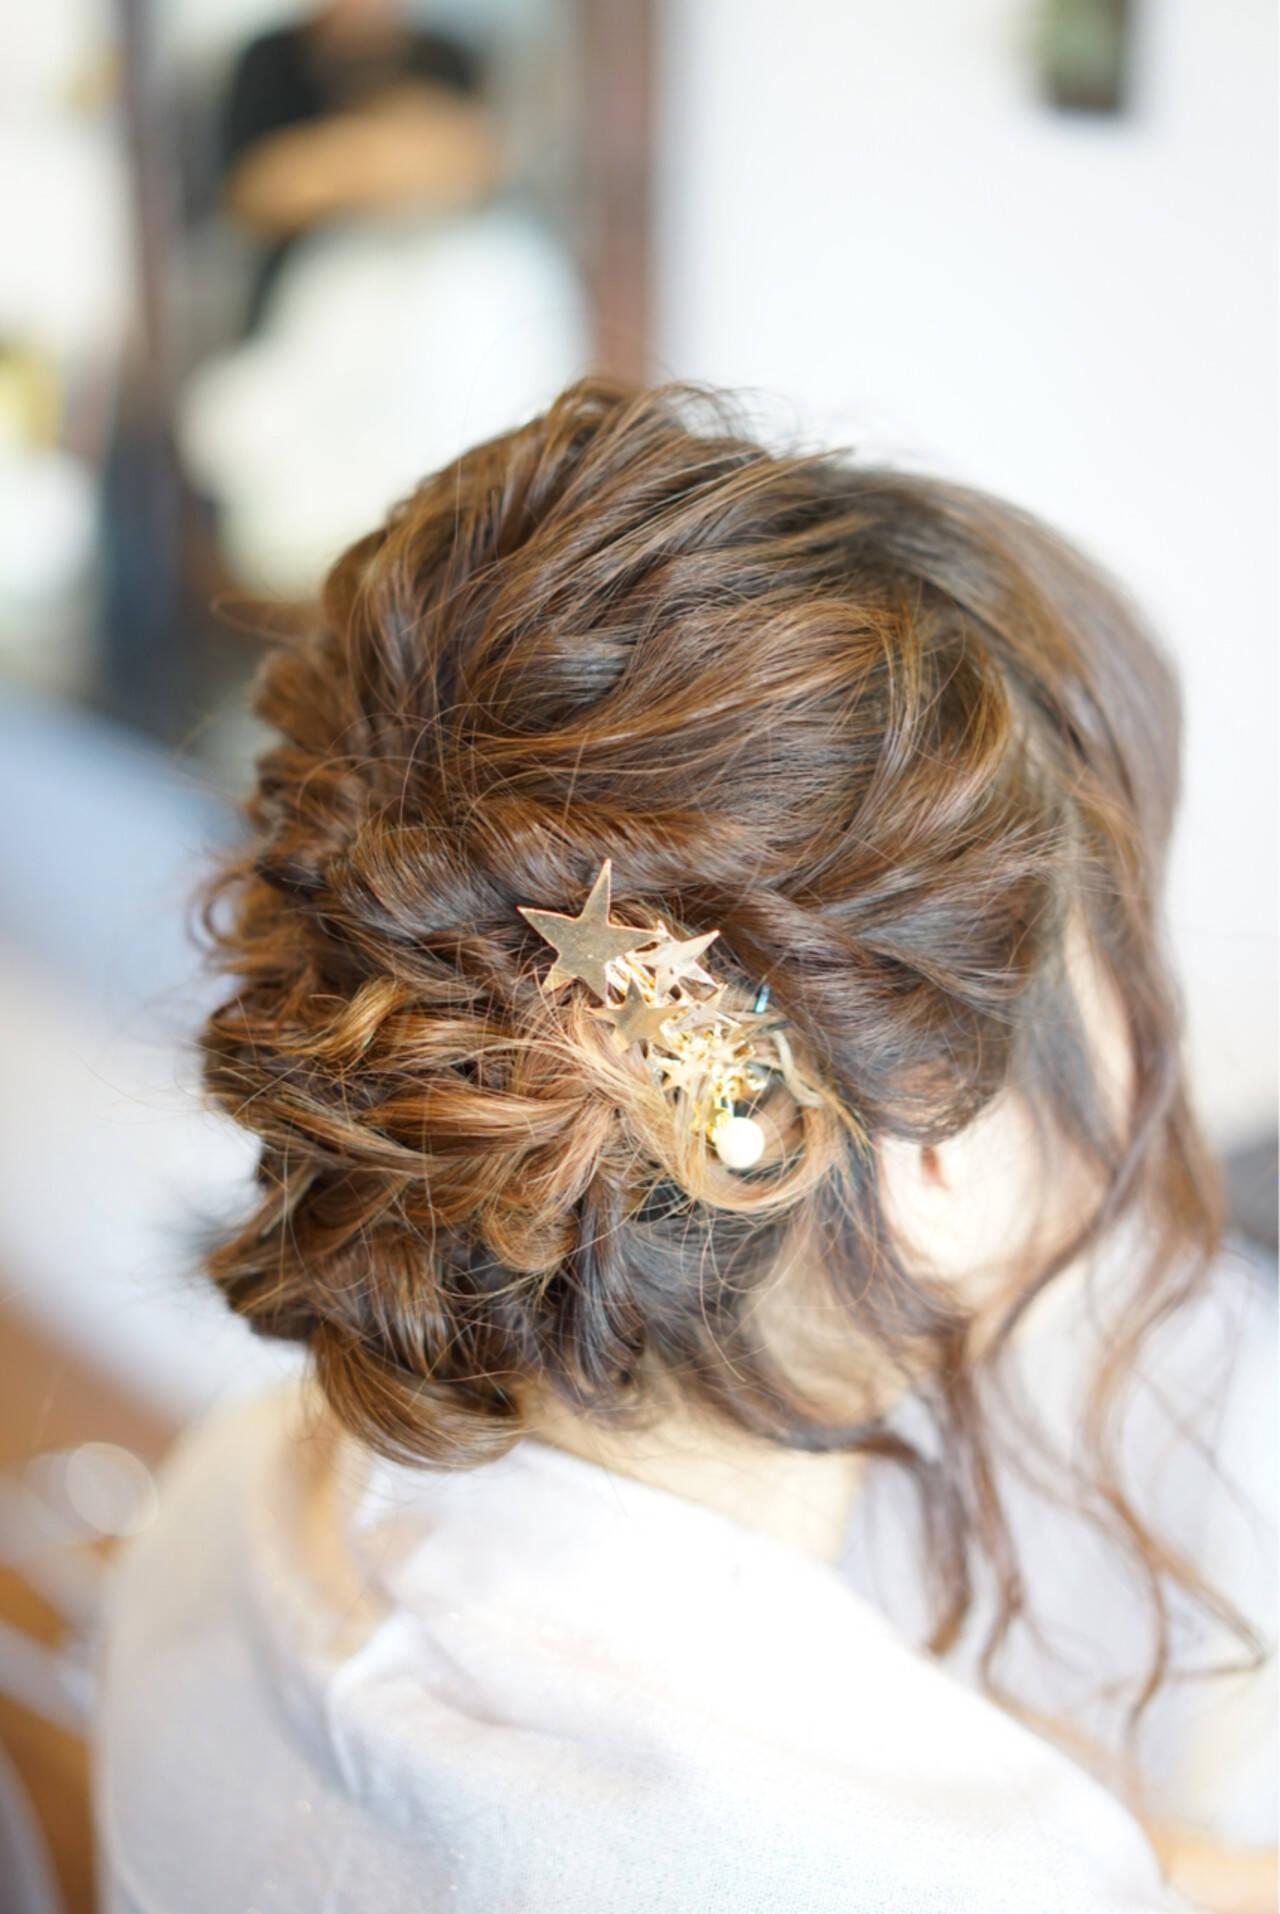 簡単ヘアアレンジ ねじり 編み込み ヘアアレンジヘアスタイルや髪型の写真・画像